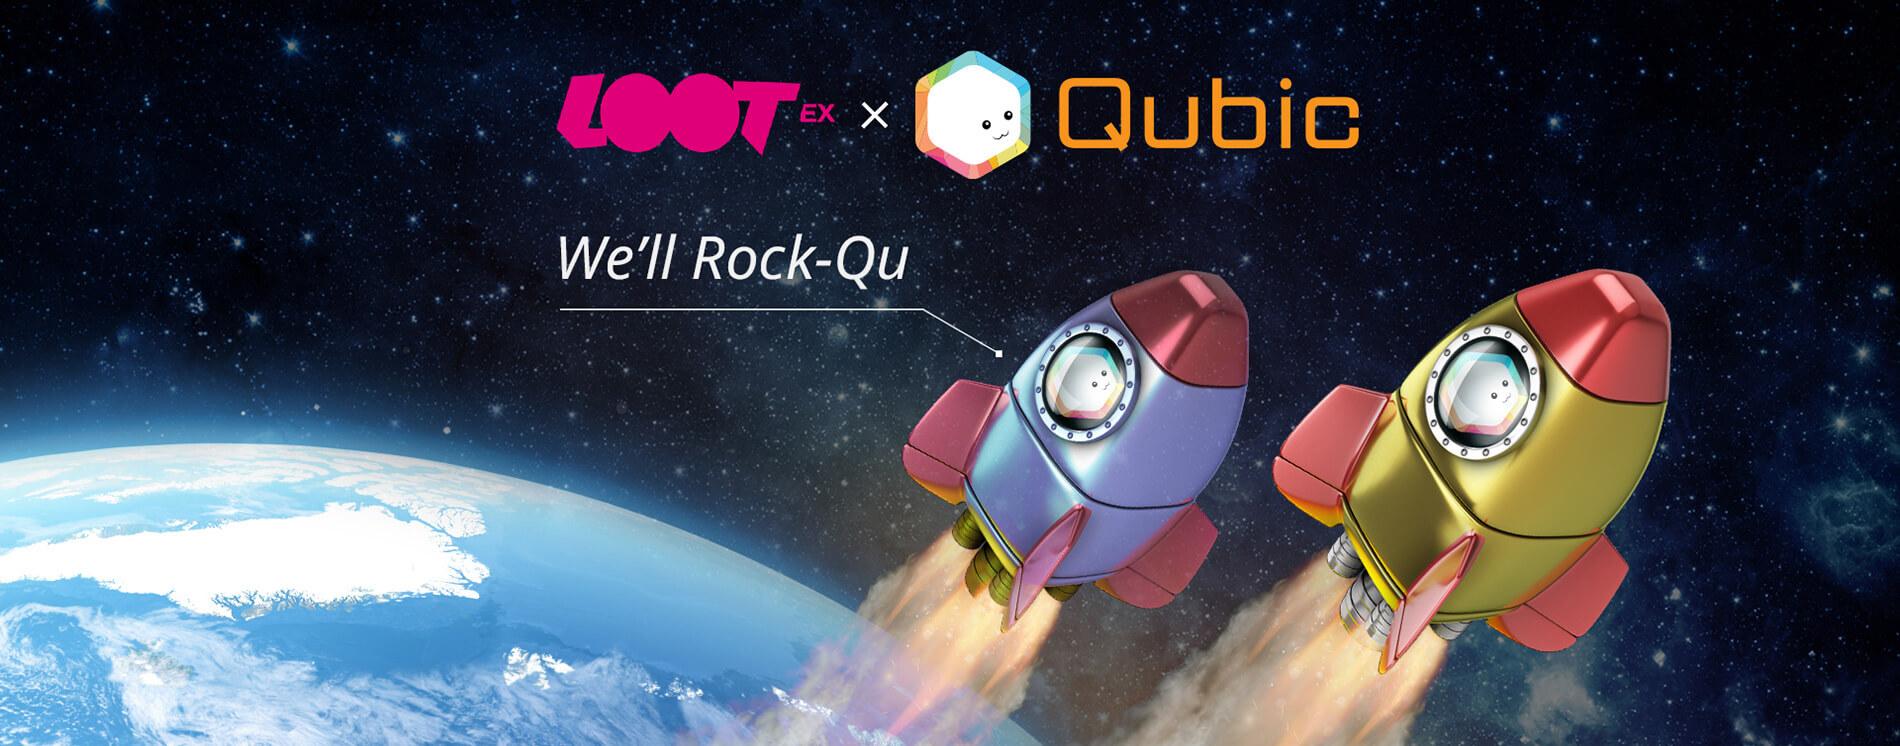 Qubic 上線紀念小火箭